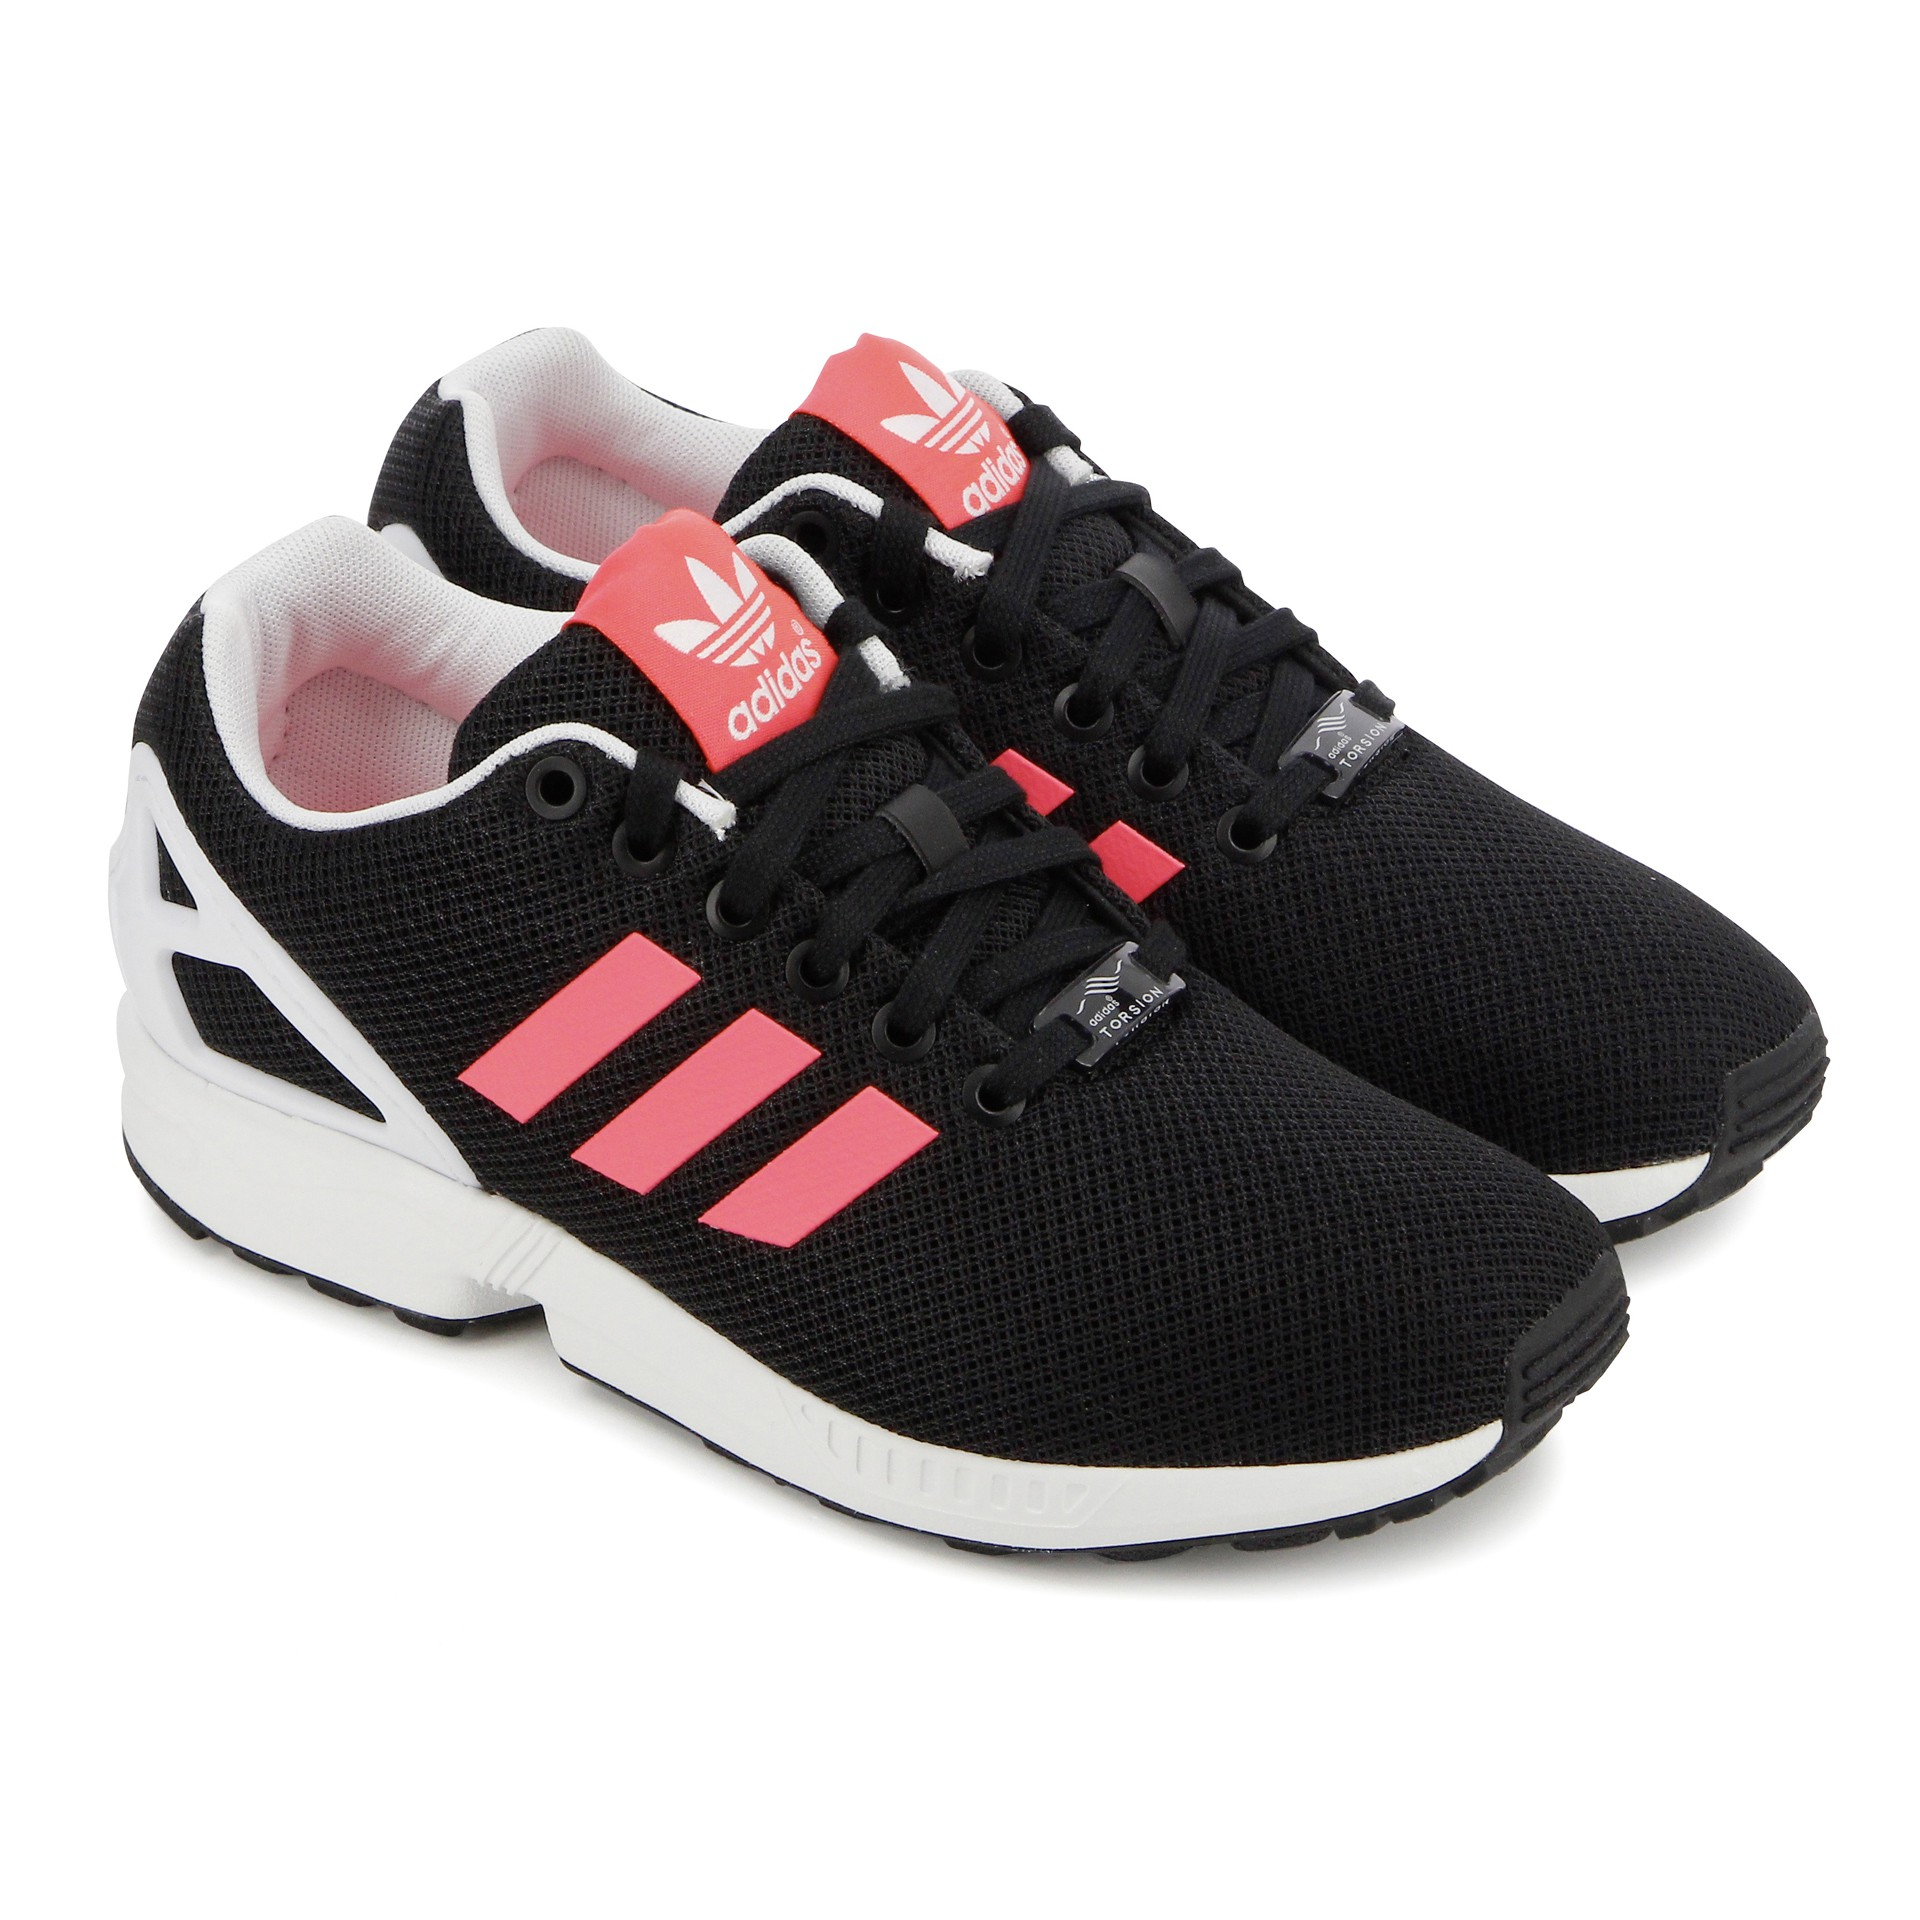 adidas zx flux femme noir rose